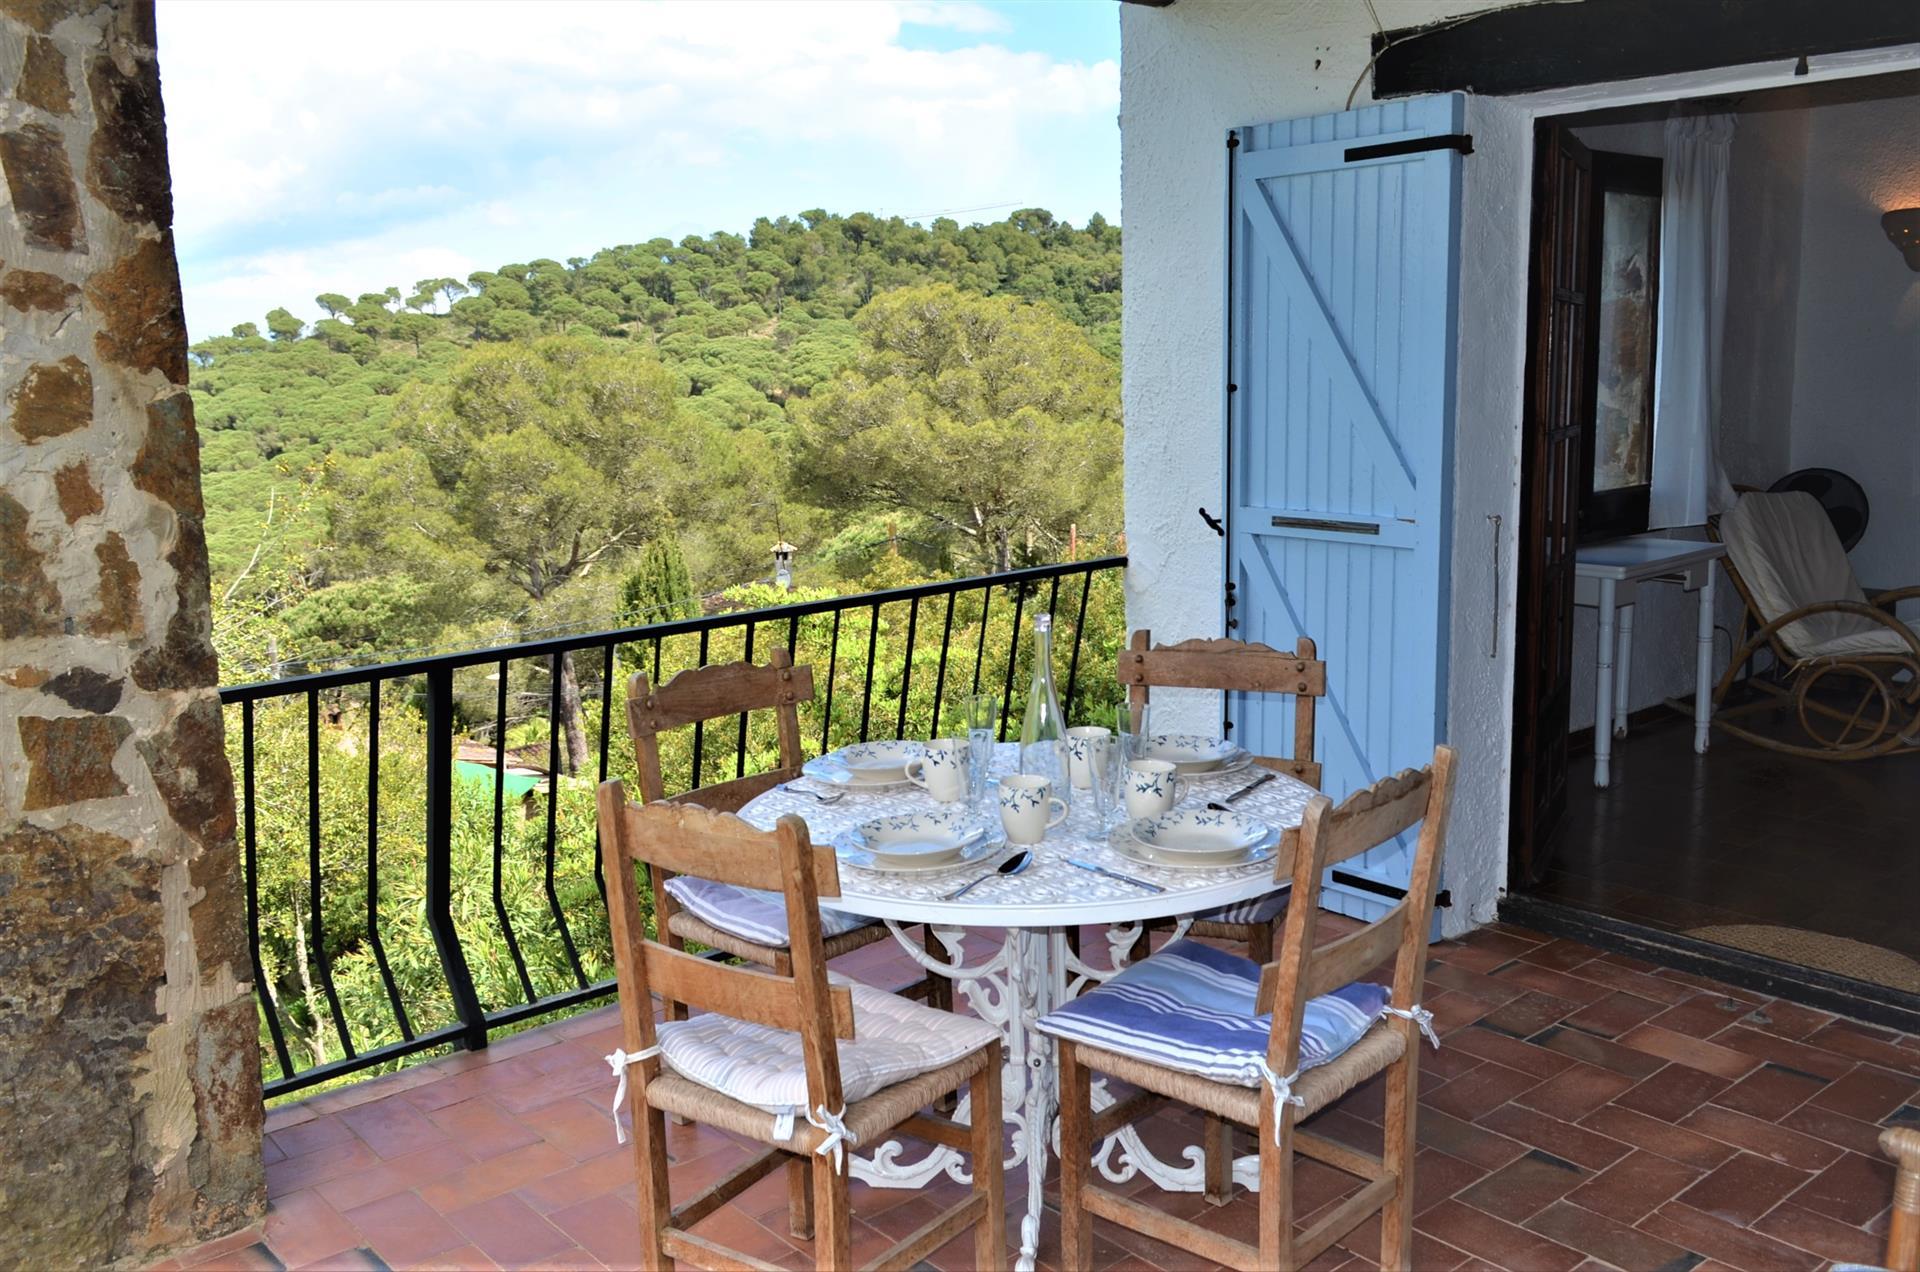 MINIPA casa tipo rùstica para 4 personas,Maison rustique et confortable à Begur, sur la Costa Brava, Espagne pour 4 personnes.....